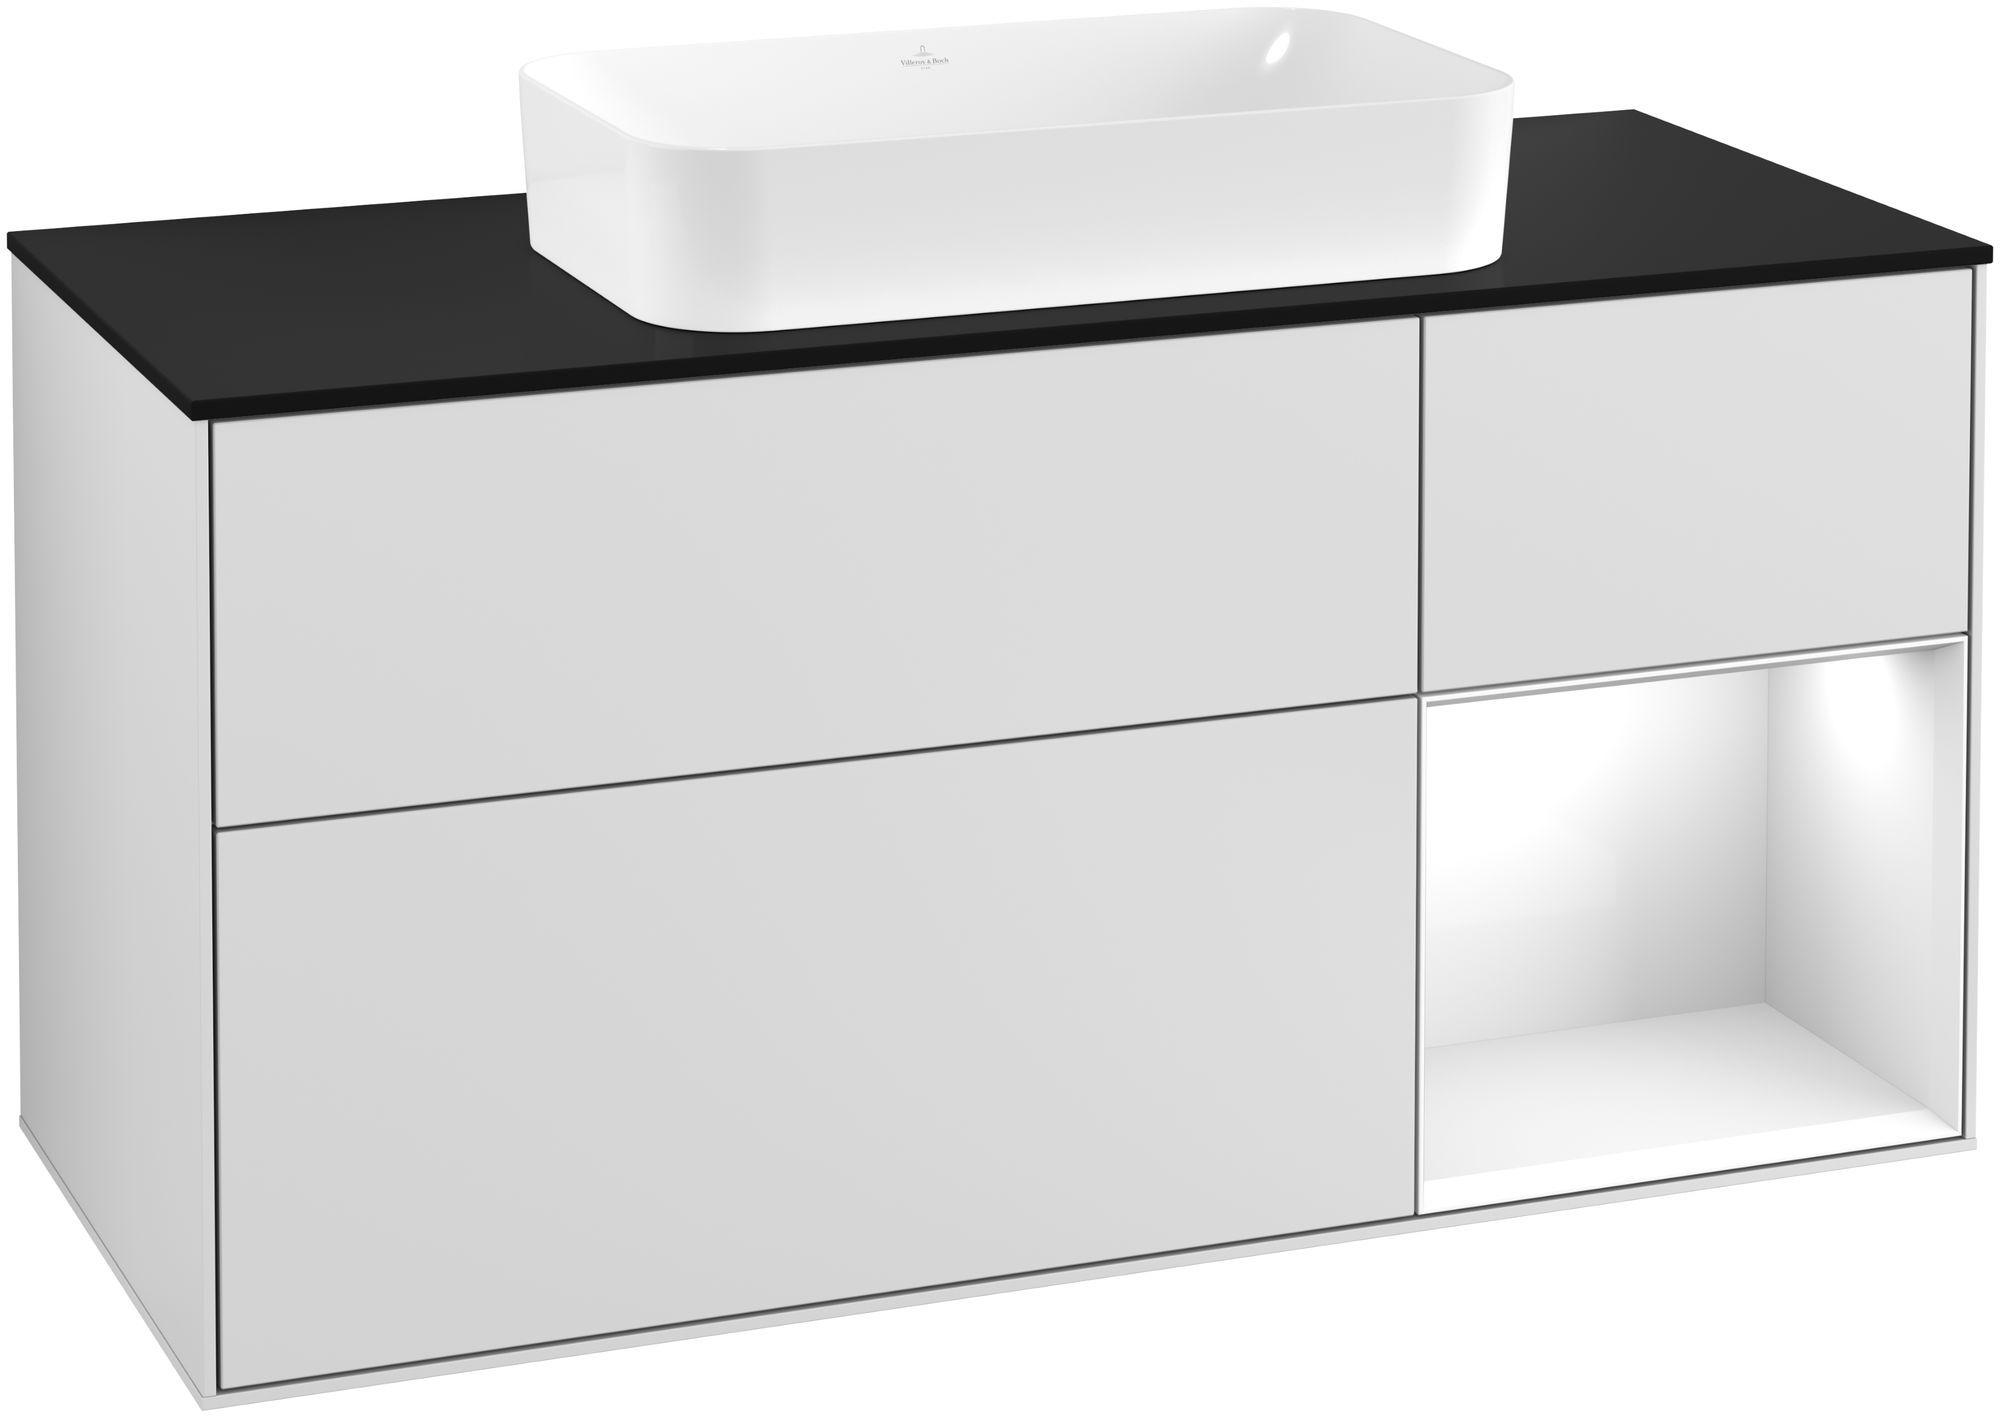 Villeroy & Boch Finion F30 Waschtischunterschrank mit Regalelement 3 Auszüge Waschtisch mittig LED-Beleuchtung B:120xH:60,3xT:50,1cm Front, Korpus: Weiß Matt Soft Grey, Regal: Glossy White Lack, Glasplatte: Black Matt F302GFMT